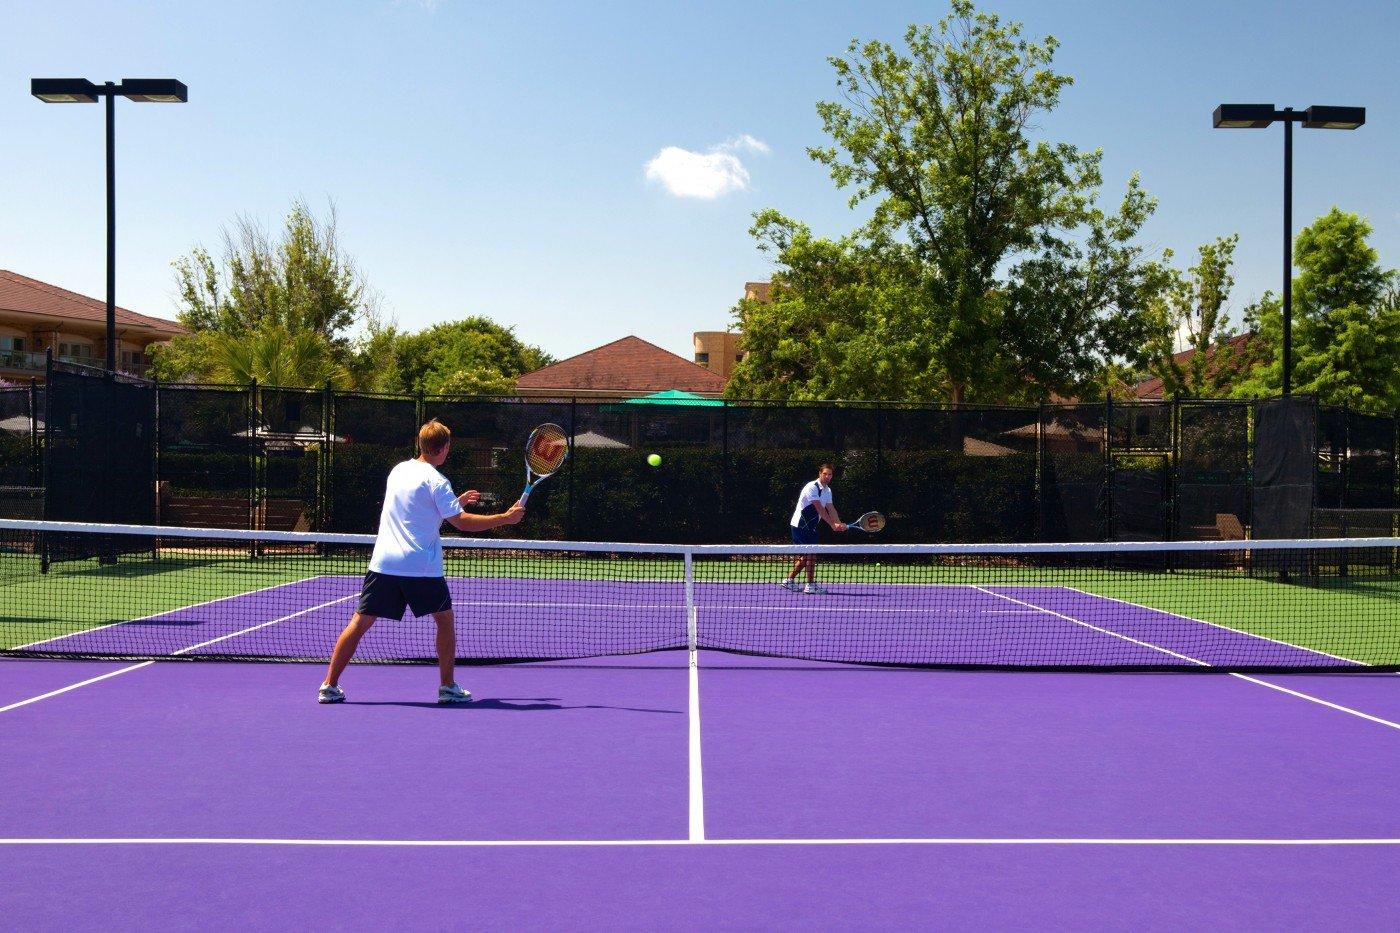 Tennis at Four Seasons Resort and Club Dallas at Las Colinas